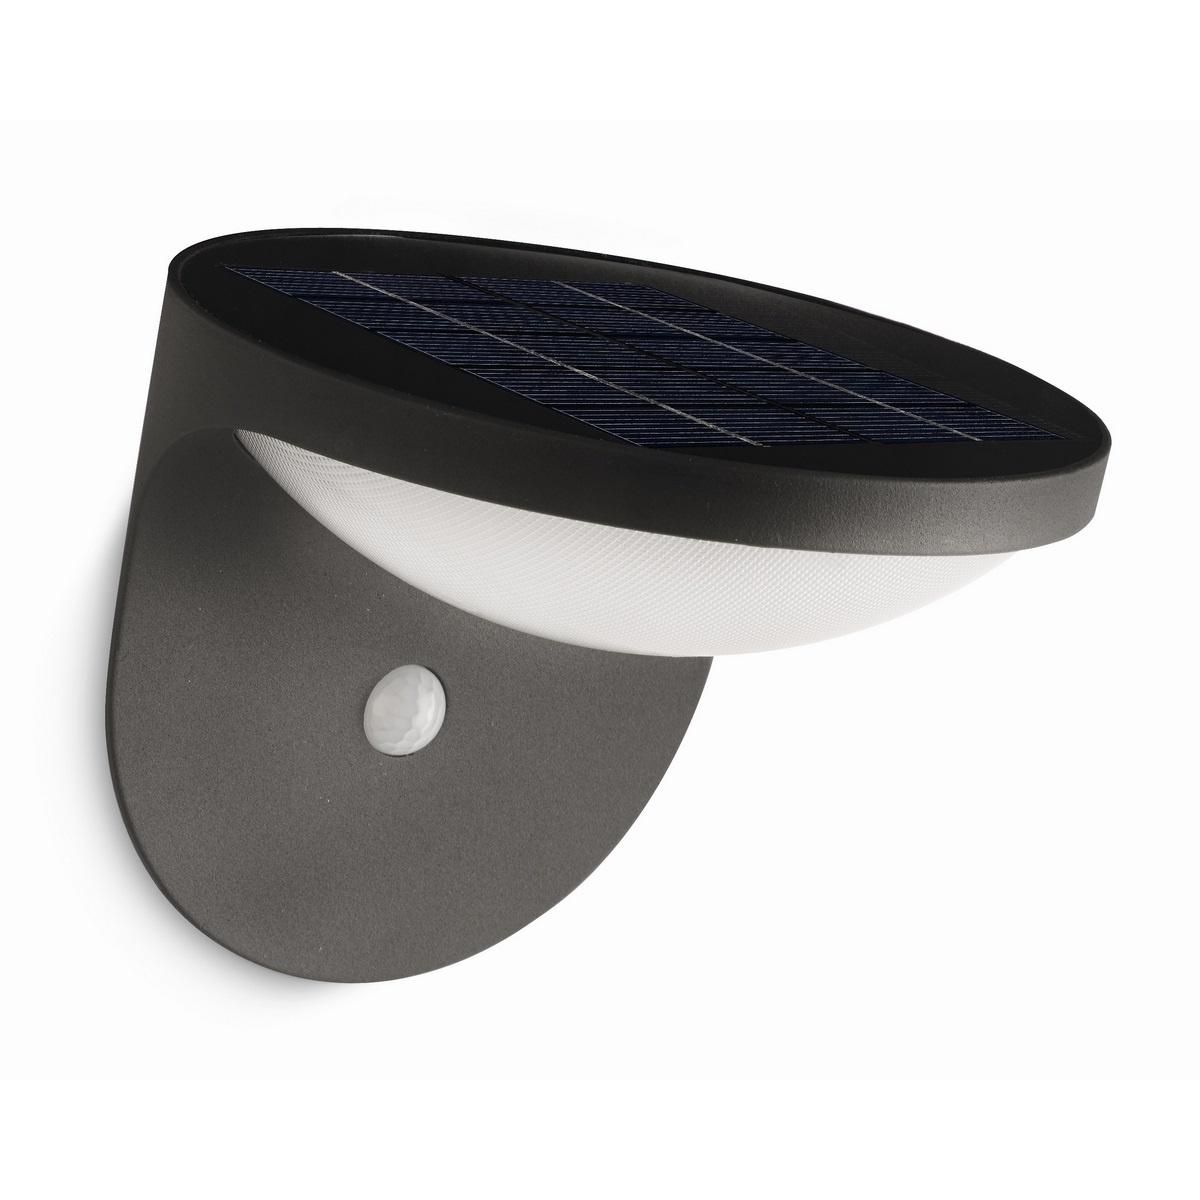 Philips 17808/93/16 Dusk Vonkajšie nástenné solárne LED svietidlo s čidlom 16 cm, antracit